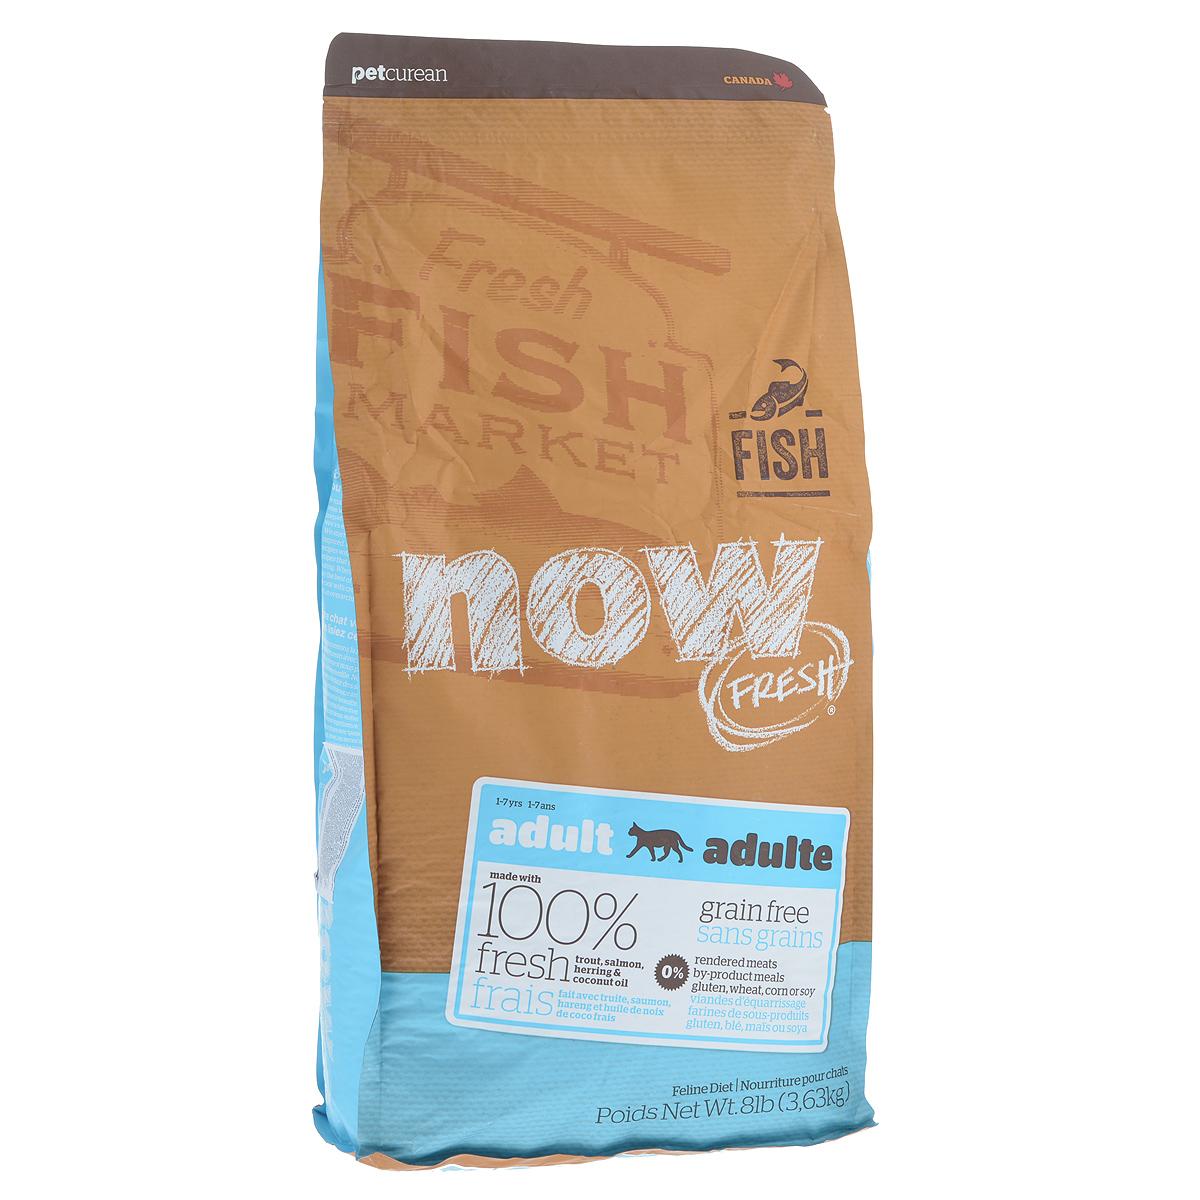 Корм сухой Now Fresh для взрослых кошек с чувствительным пищеварением, беззерновой, с форелью и лососем, 3,63 кг19236Сухой корм Now Fresh для взрослых кошек изготовлен из 100% свежей форели, лосося, сельди, насыщен Омега 3 и 6, а так же маслами кокосового ореха и рапса. Идеально подходит для кошек с чувствительным пищеварением. Не содержит злаков, крахмала, пшеницы, говядины, кукурузы и сои. Состав: филе форели, филе лосося, филе сельди, горошек, картофель, горох волокна, целые сушеные яйца, помидоры, масло канолы (консервированный смесью токоферолов), льняное семя, натуральный ароматизатор, кокосовое масло (консервированный смесью токоферолов), утка, яблоки, морковь, тыква, бананы, черника, клюква, малина, ежевика, папайя, ананас, грейпфрут, чечевица бобы, брокколи, шпинат, творог, ростки люцерны, люцерна, карбонат кальция, фосфорная кислота, хлорид натрия, лецитин, хлорид калия, DL-метионин, таурин, витамины (витамин Е, L-аскорбил-2-полифосфатов (источник витамина С), ниацин, инозитол, витамин А, тиамин мононитрат, пантотенат d-кальция, пиридоксина гидрохлорид,...